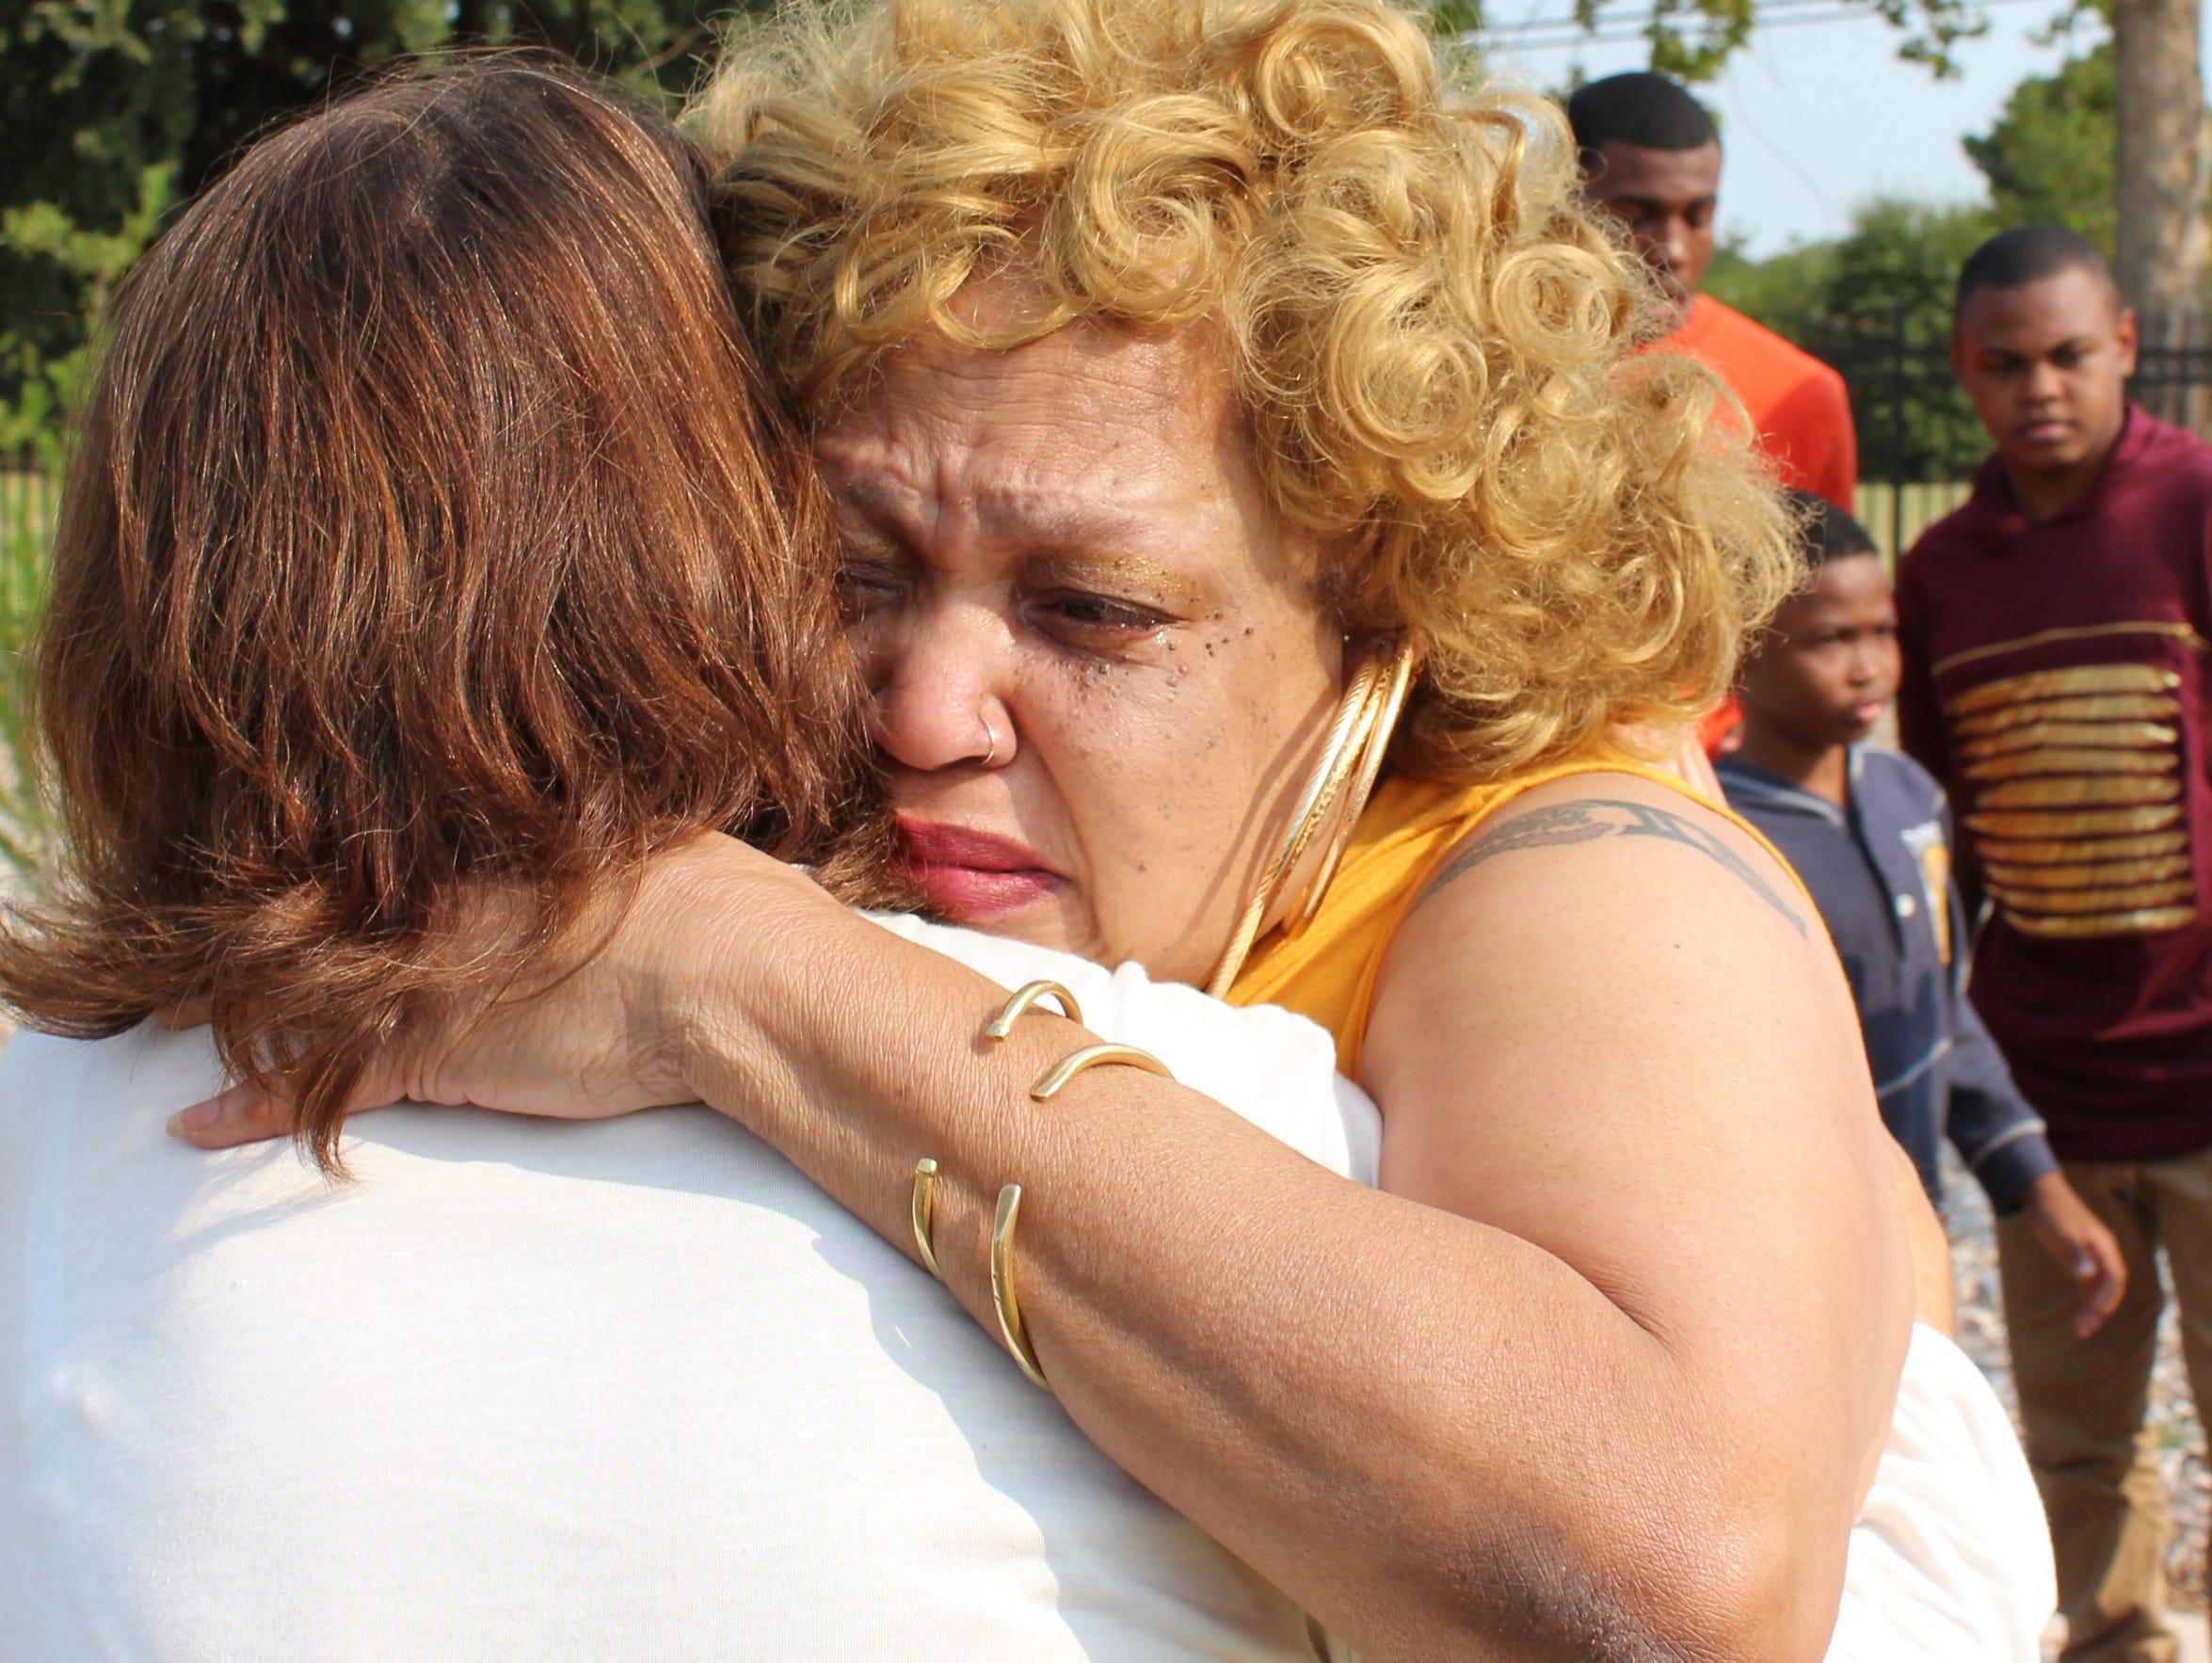 Annette James Hudson hugs Julie Sandefer after Wednesday's